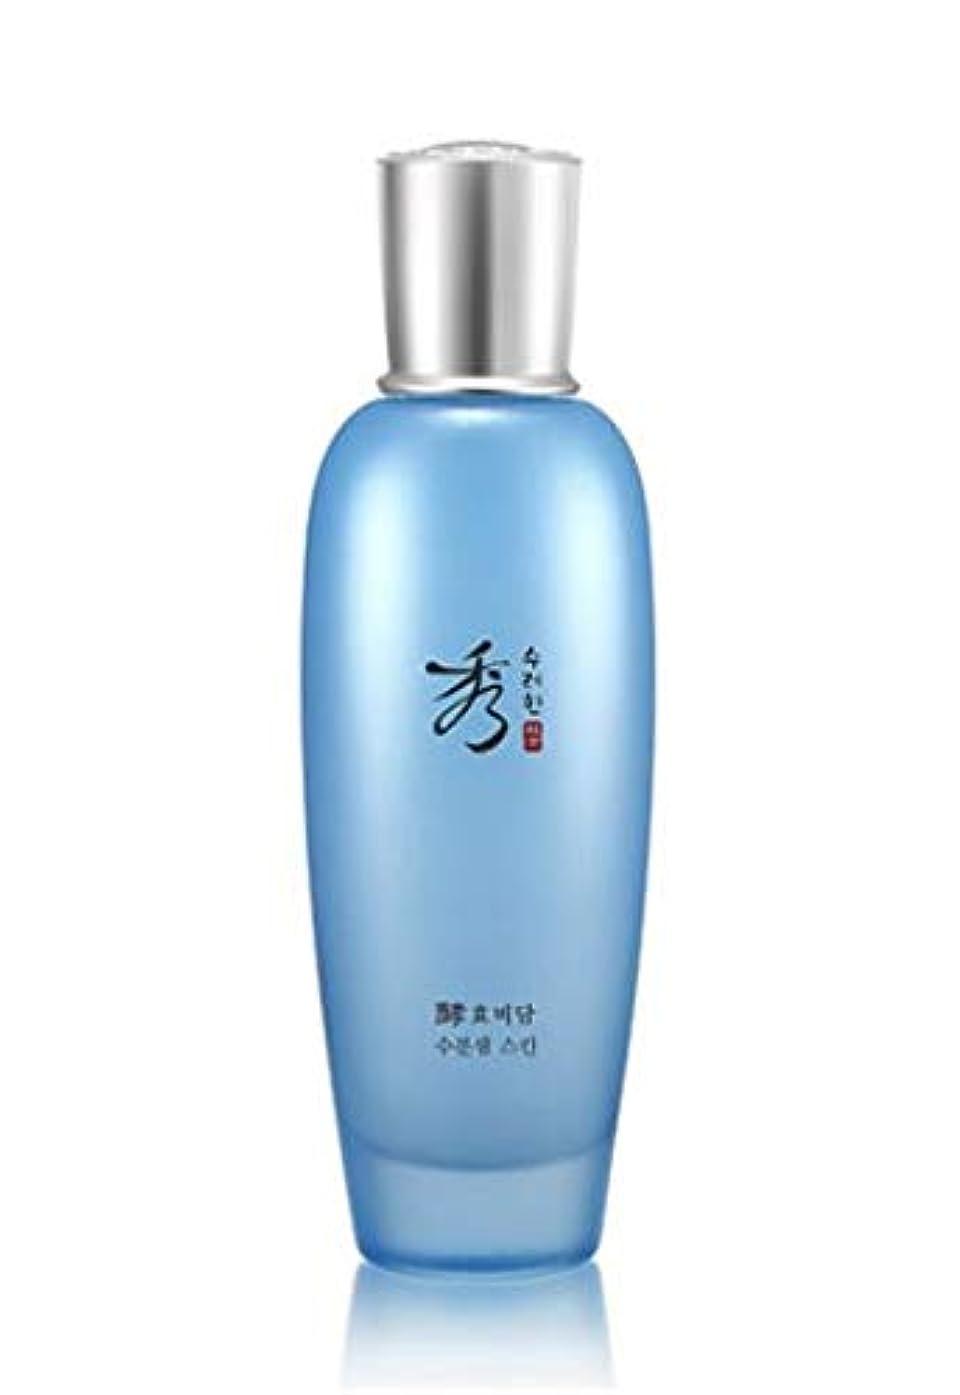 [スリョハン*秀麗韓] Sooryehan [酵秘淡(ヒョビダム) 水分泉トナー 160ml ] Hyobidam Water Spring Toner 160ml [海外直送品]